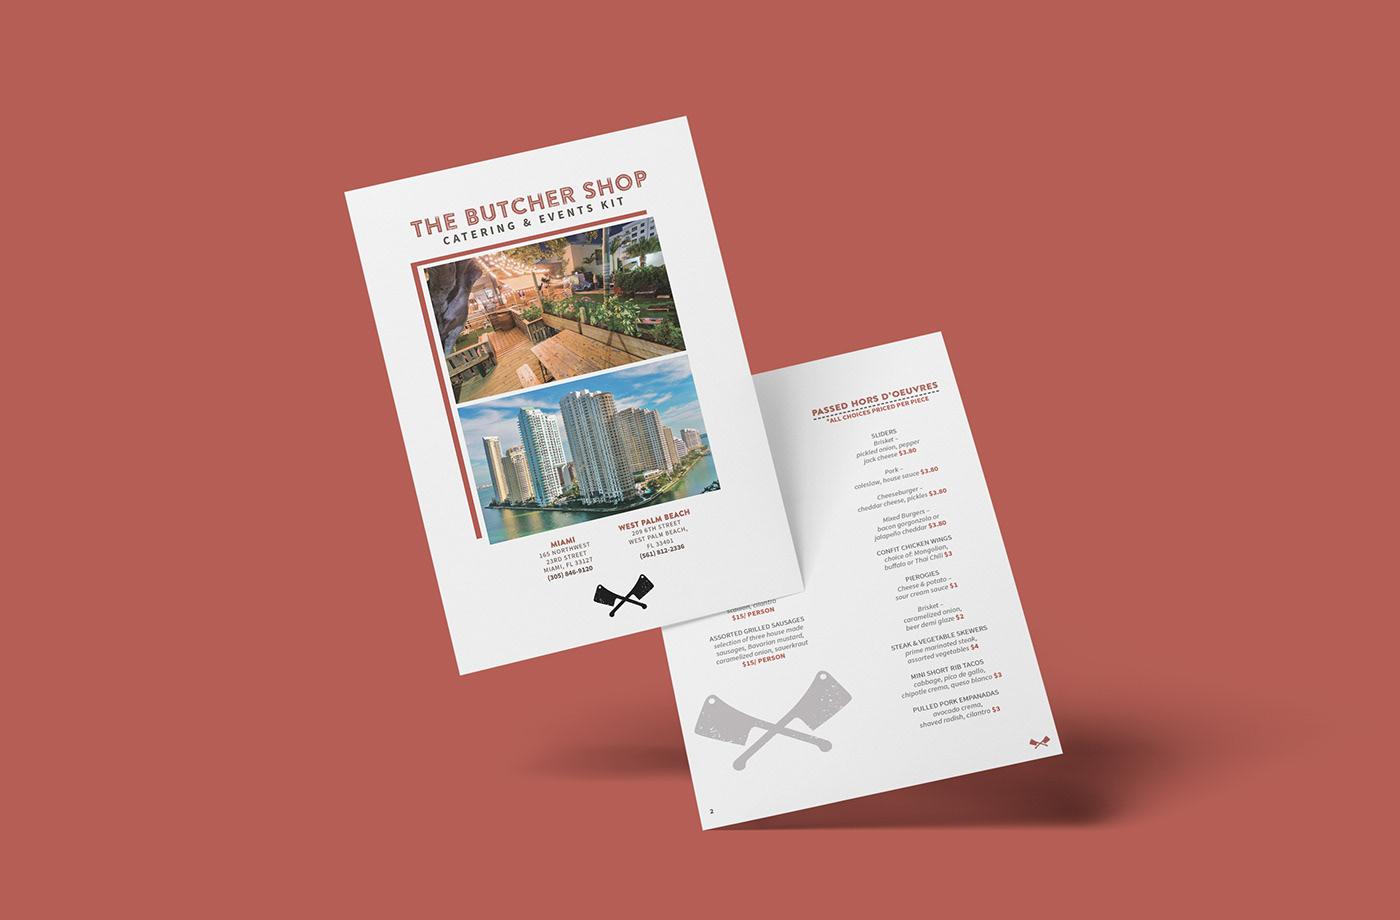 Image may contain: book, print and screenshot